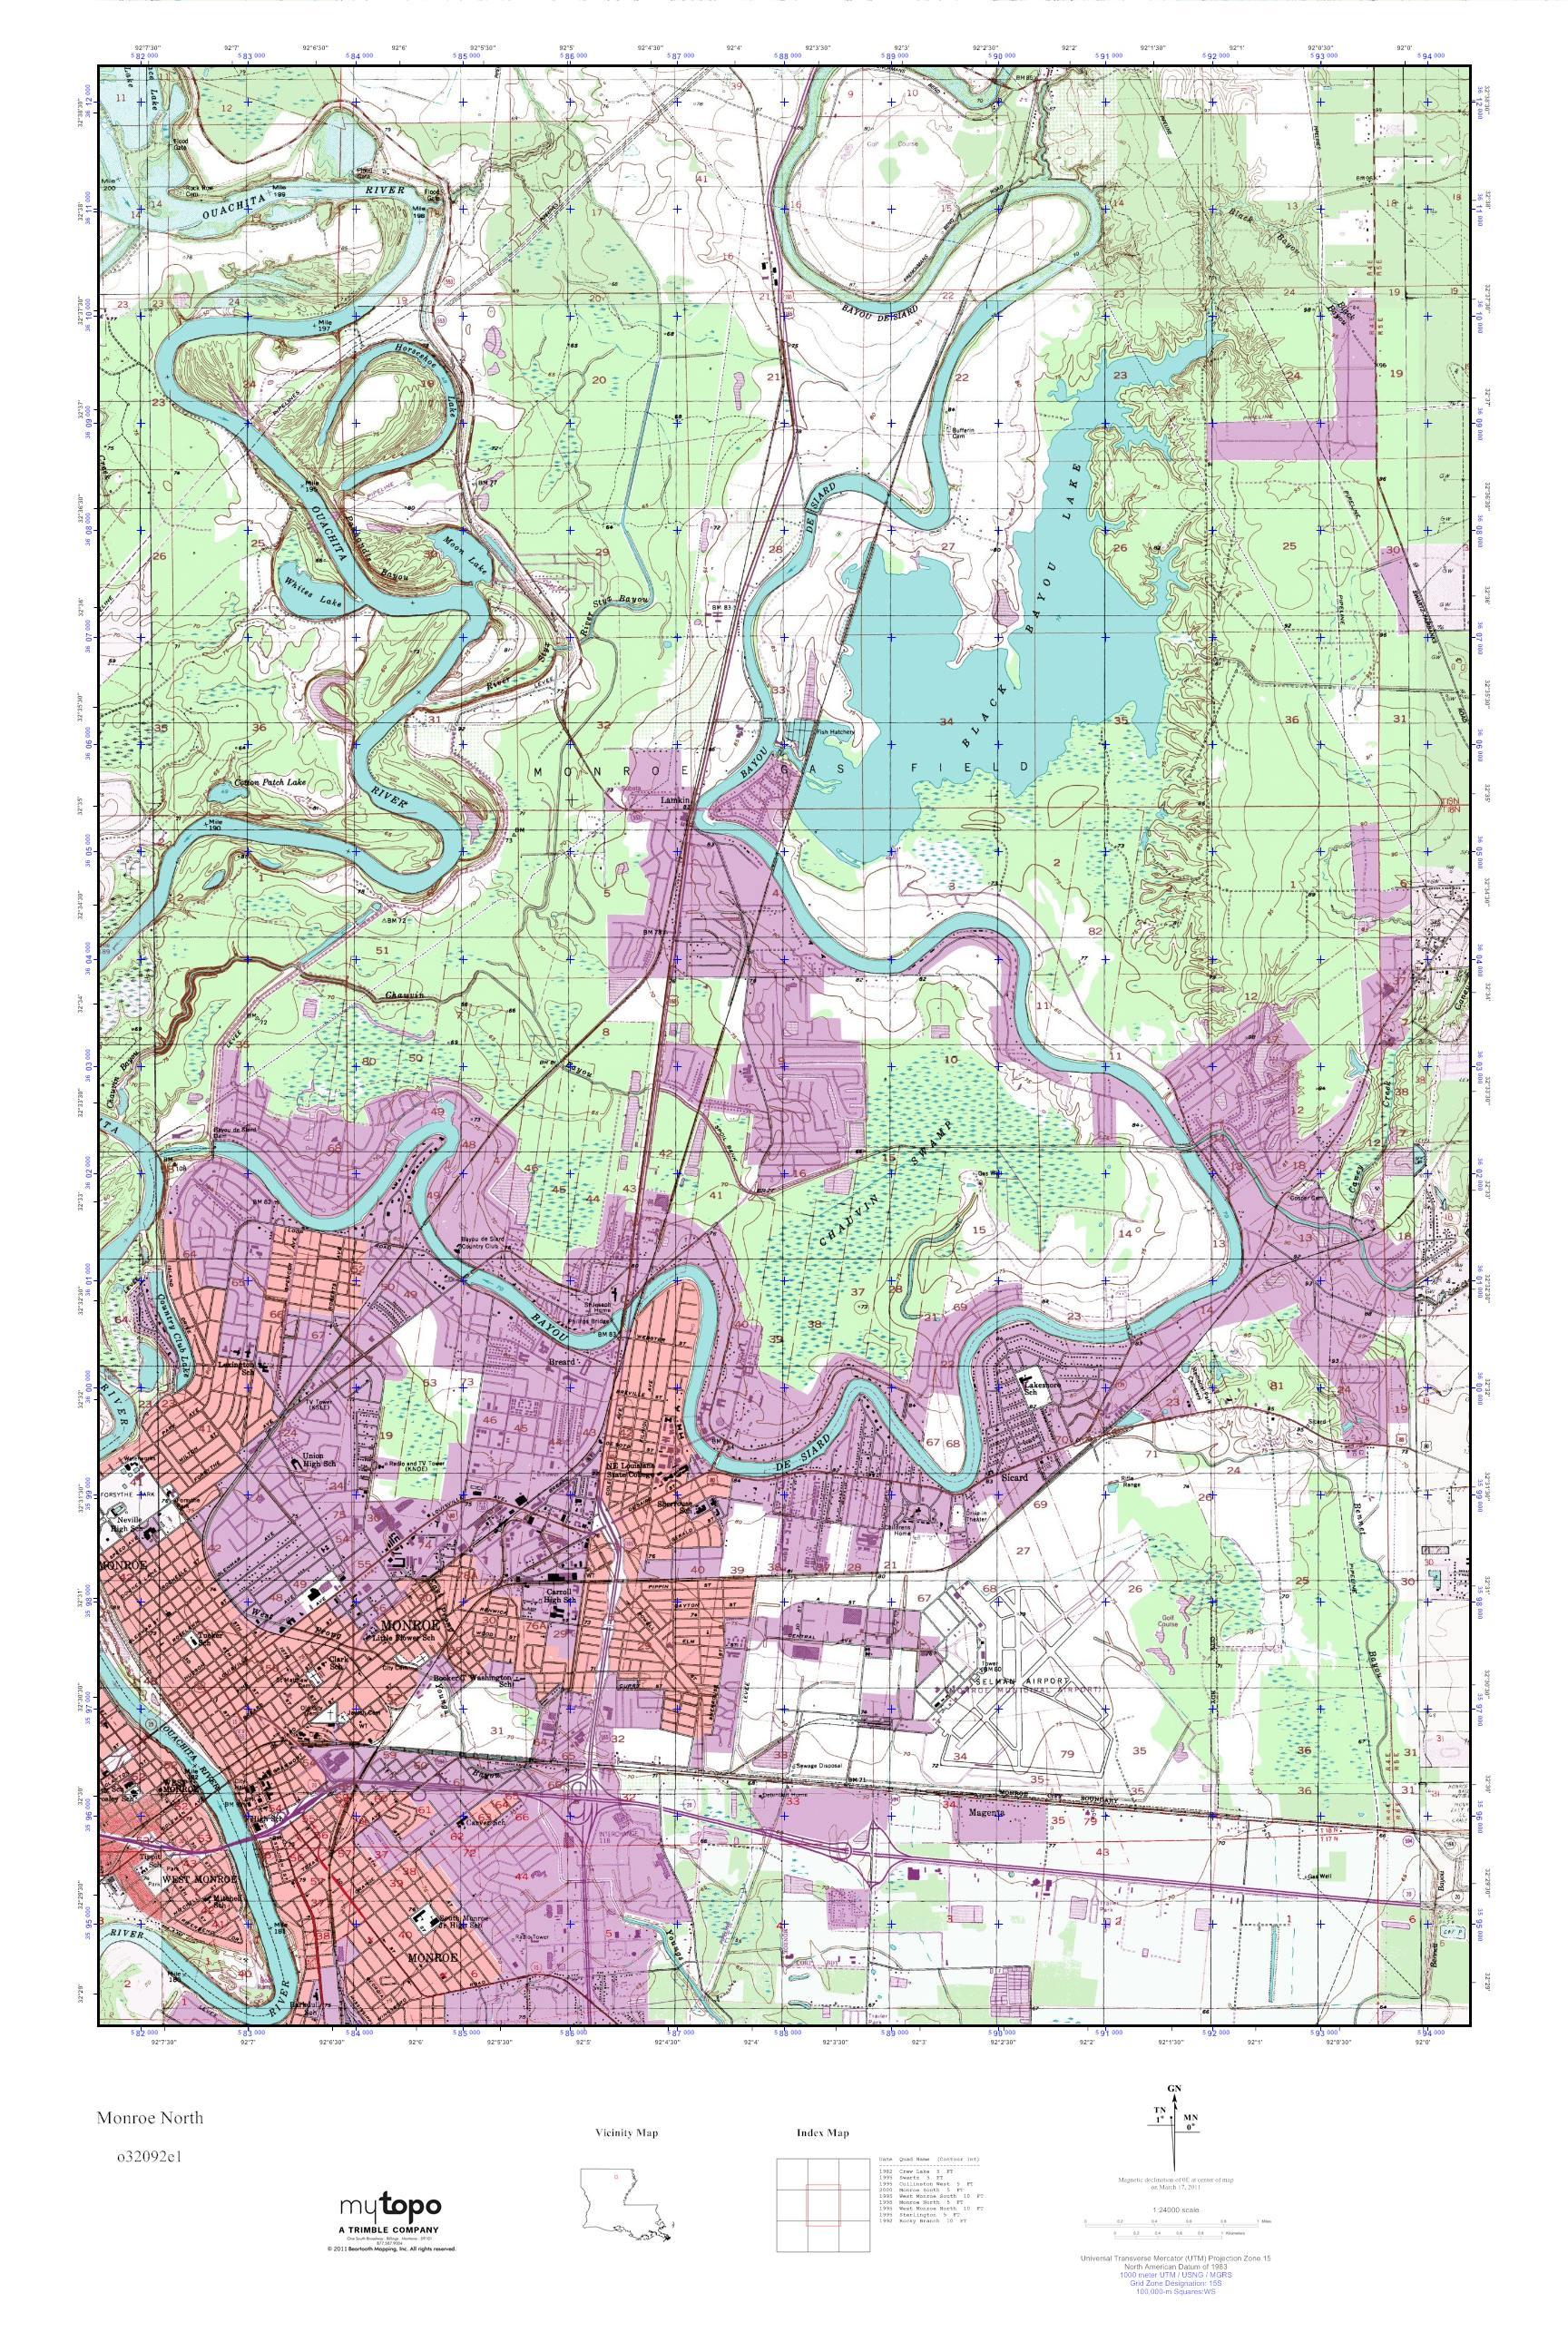 North Louisiana Map.Mytopo Monroe North Louisiana Usgs Quad Topo Map